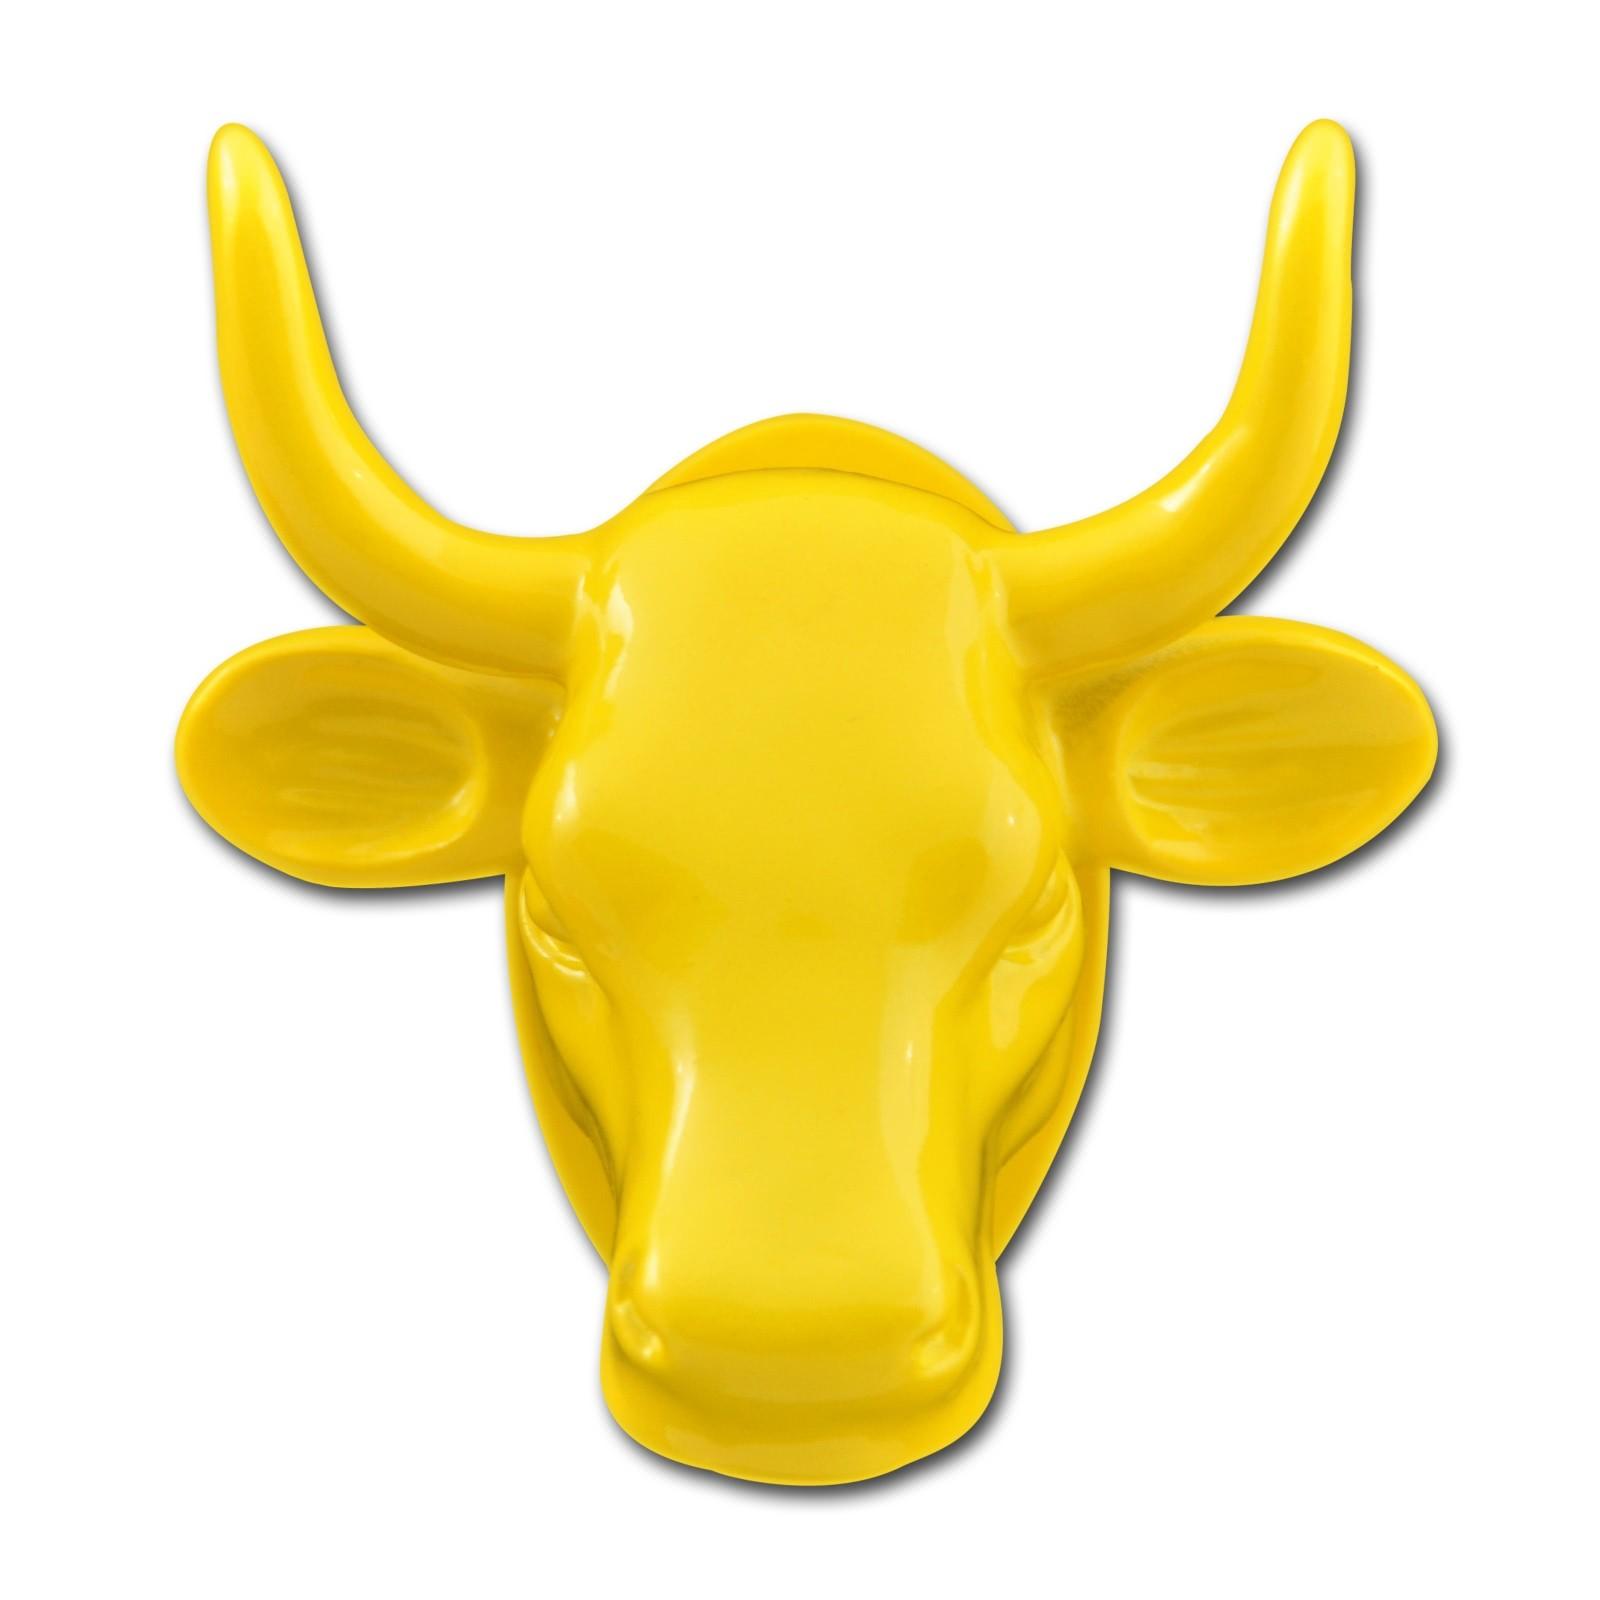 Magnet Kuh-Kopf gelb Kühlschrankmagnet Köthen Kuhparade KOS501Y